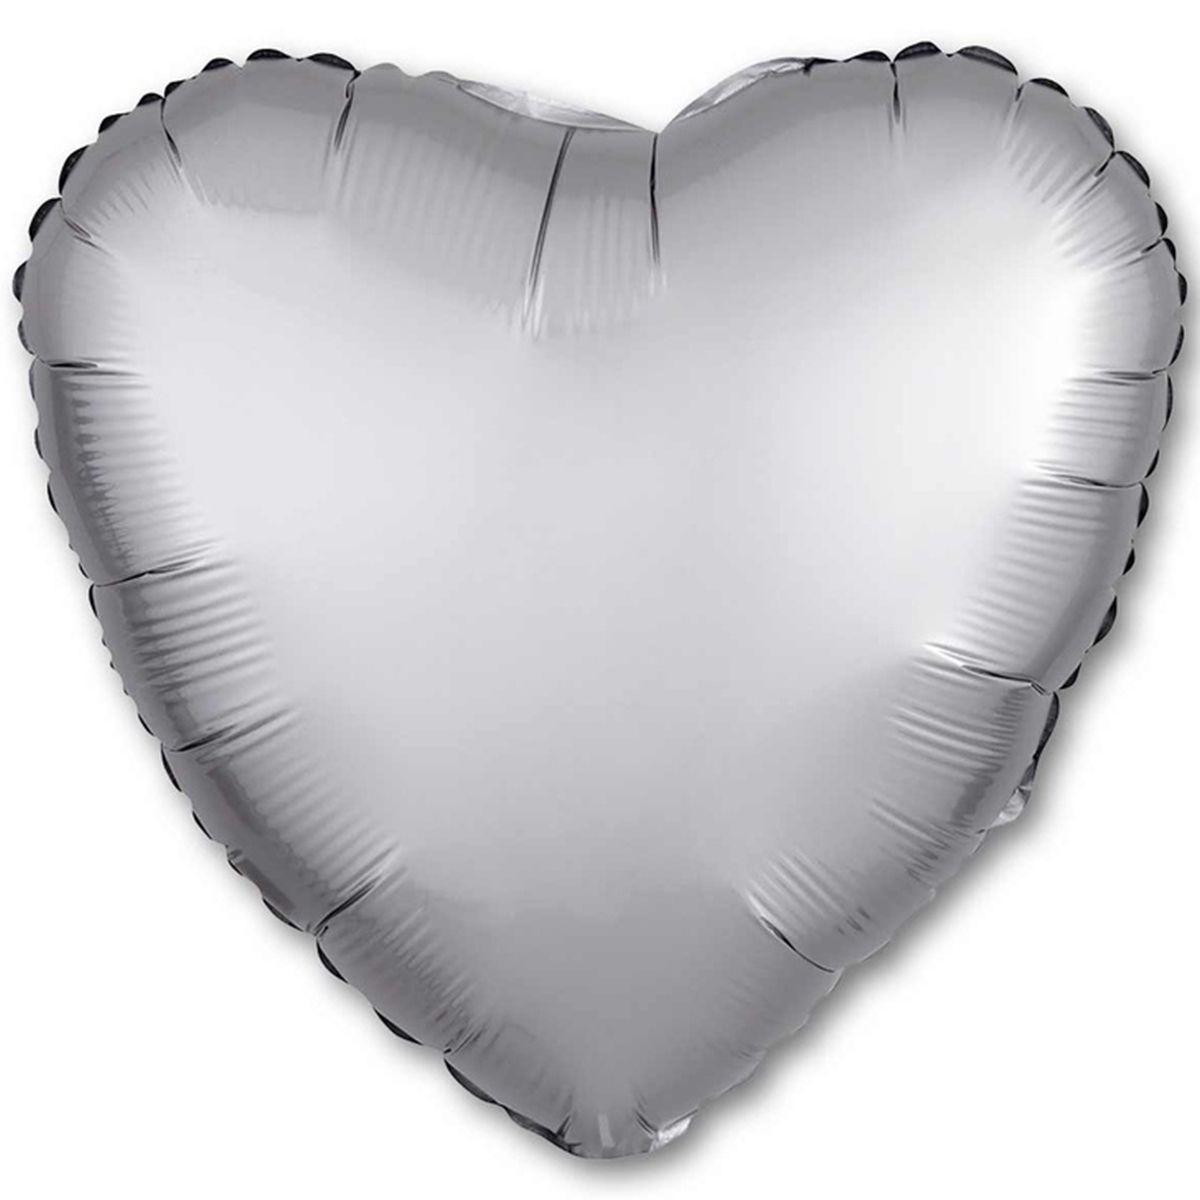 """Кулька 18 серце"""" фольгована, графіт ТМ """"Агура"""" однотонний шт."""